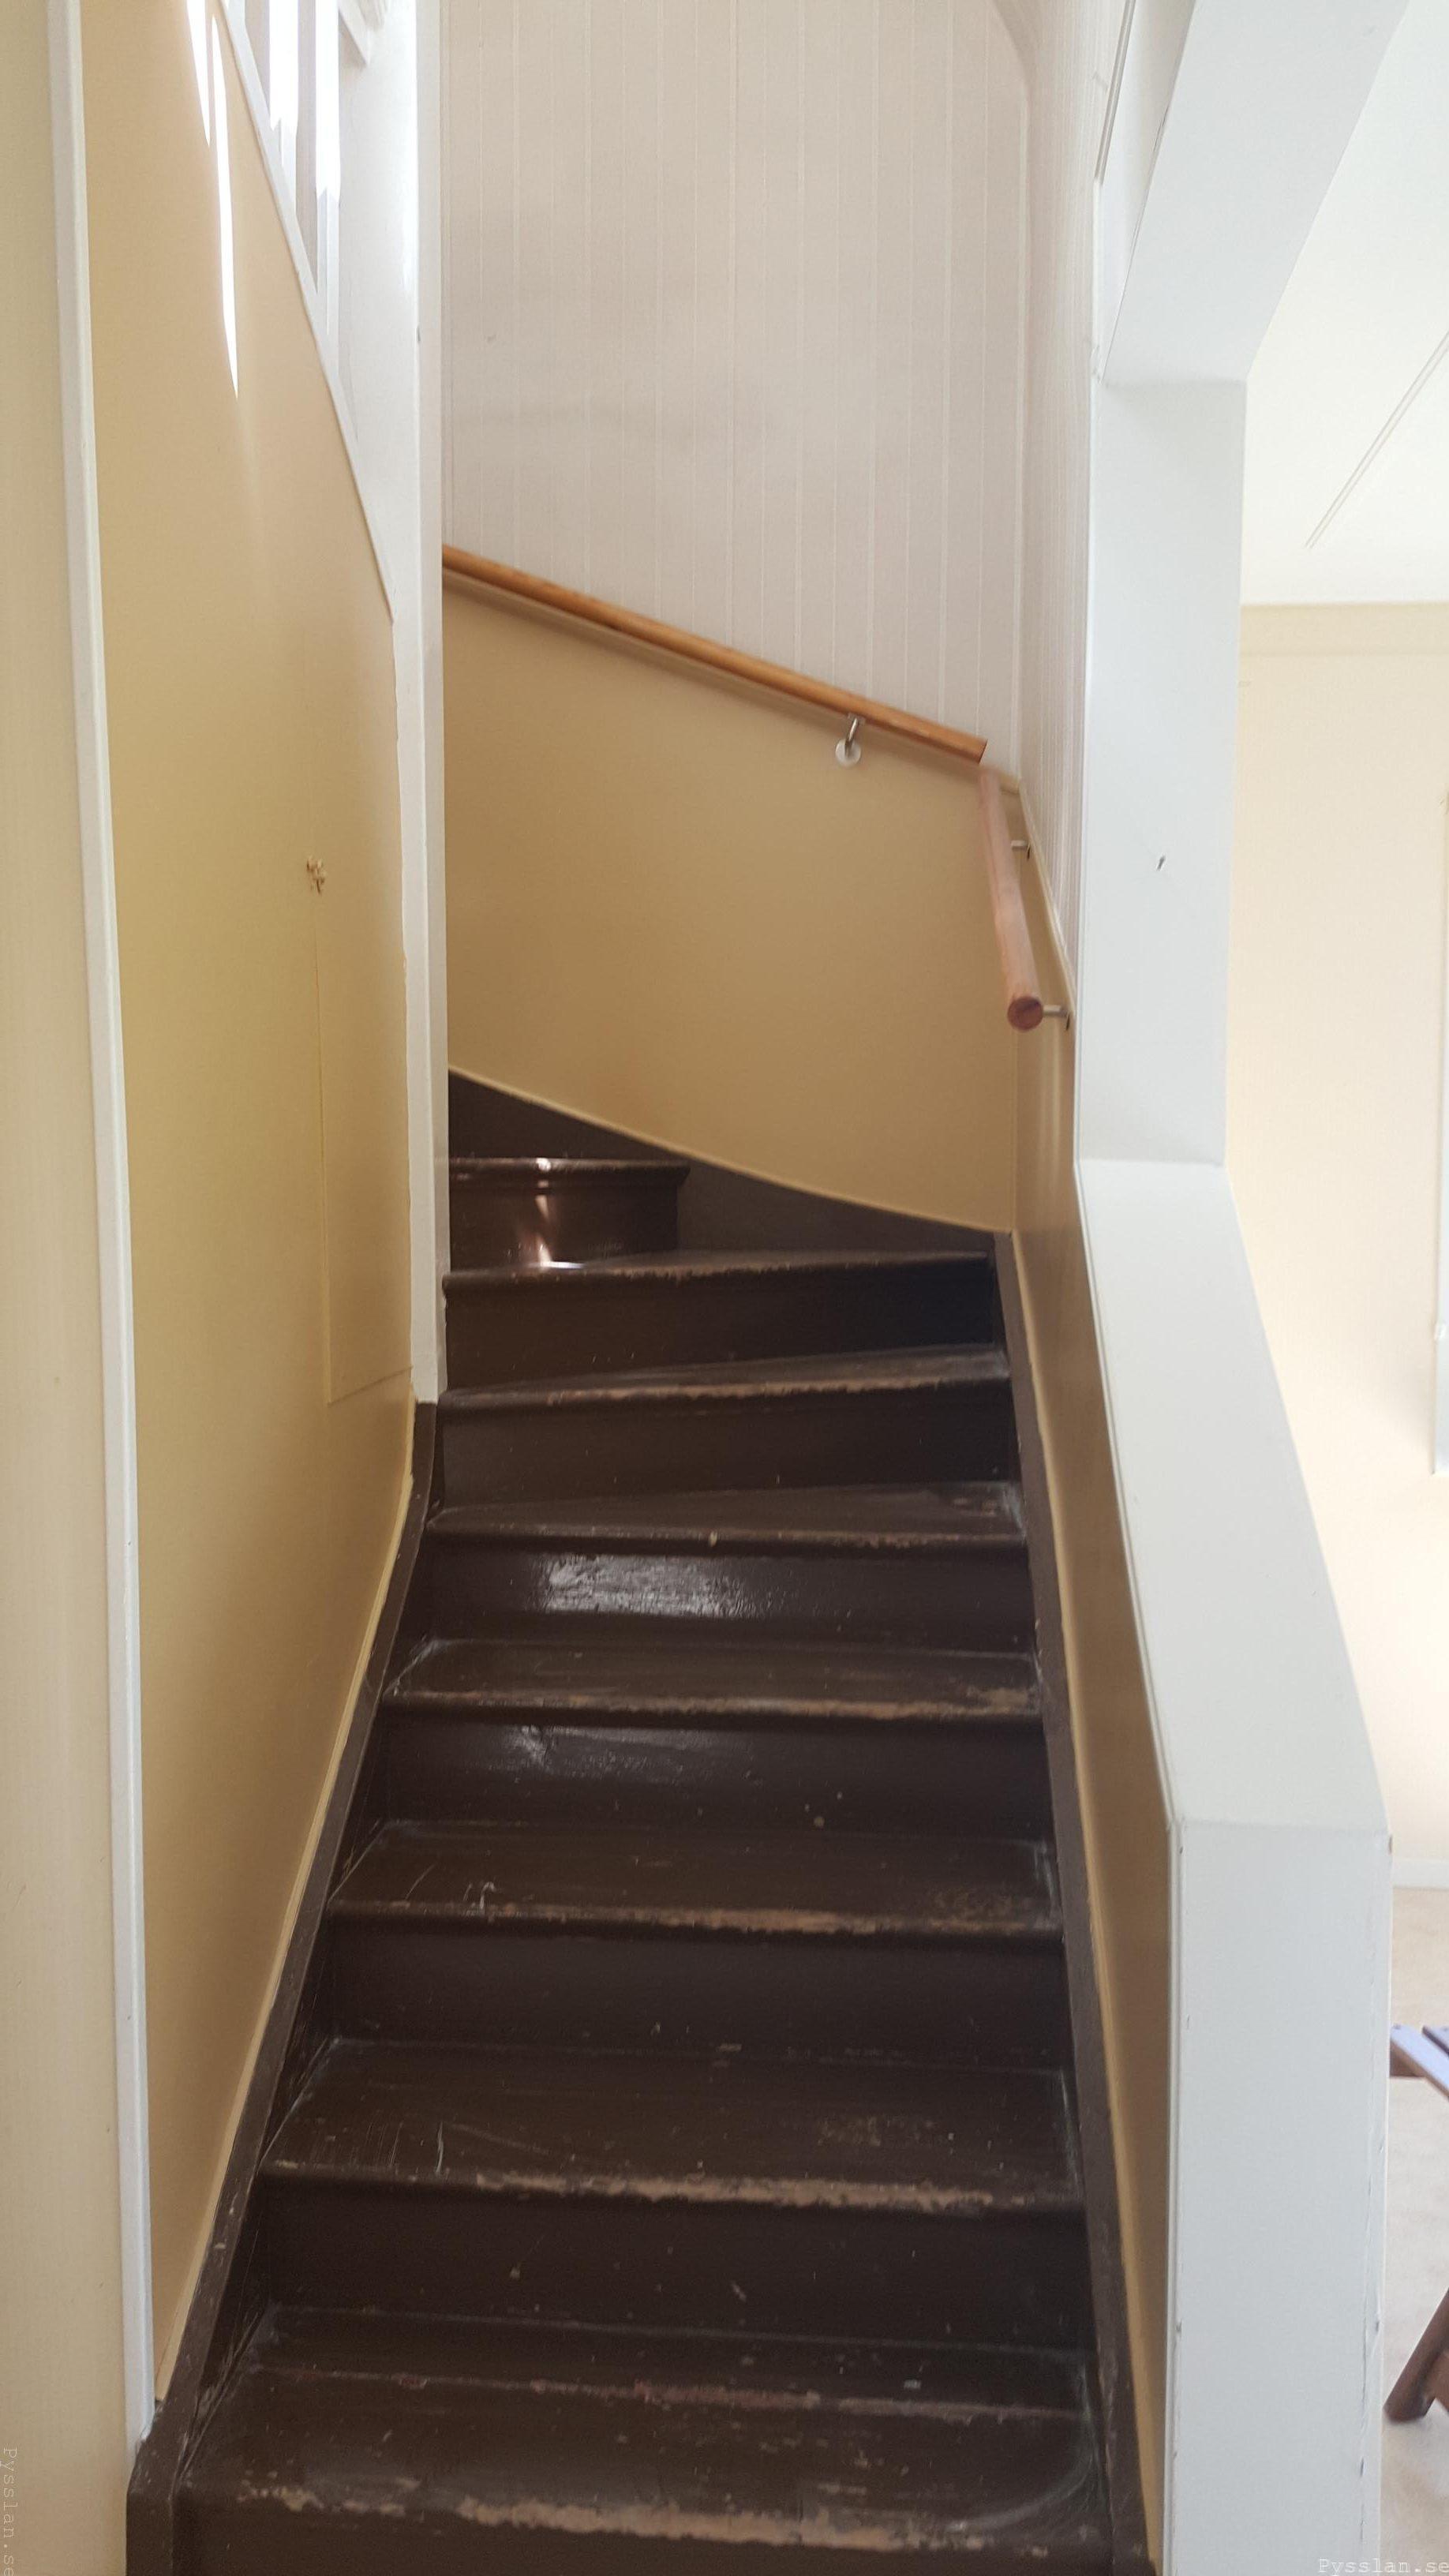 drömhus 20-talshus rött hus vita knutar renovering jugend husdröm pysslan blogg brun trapp